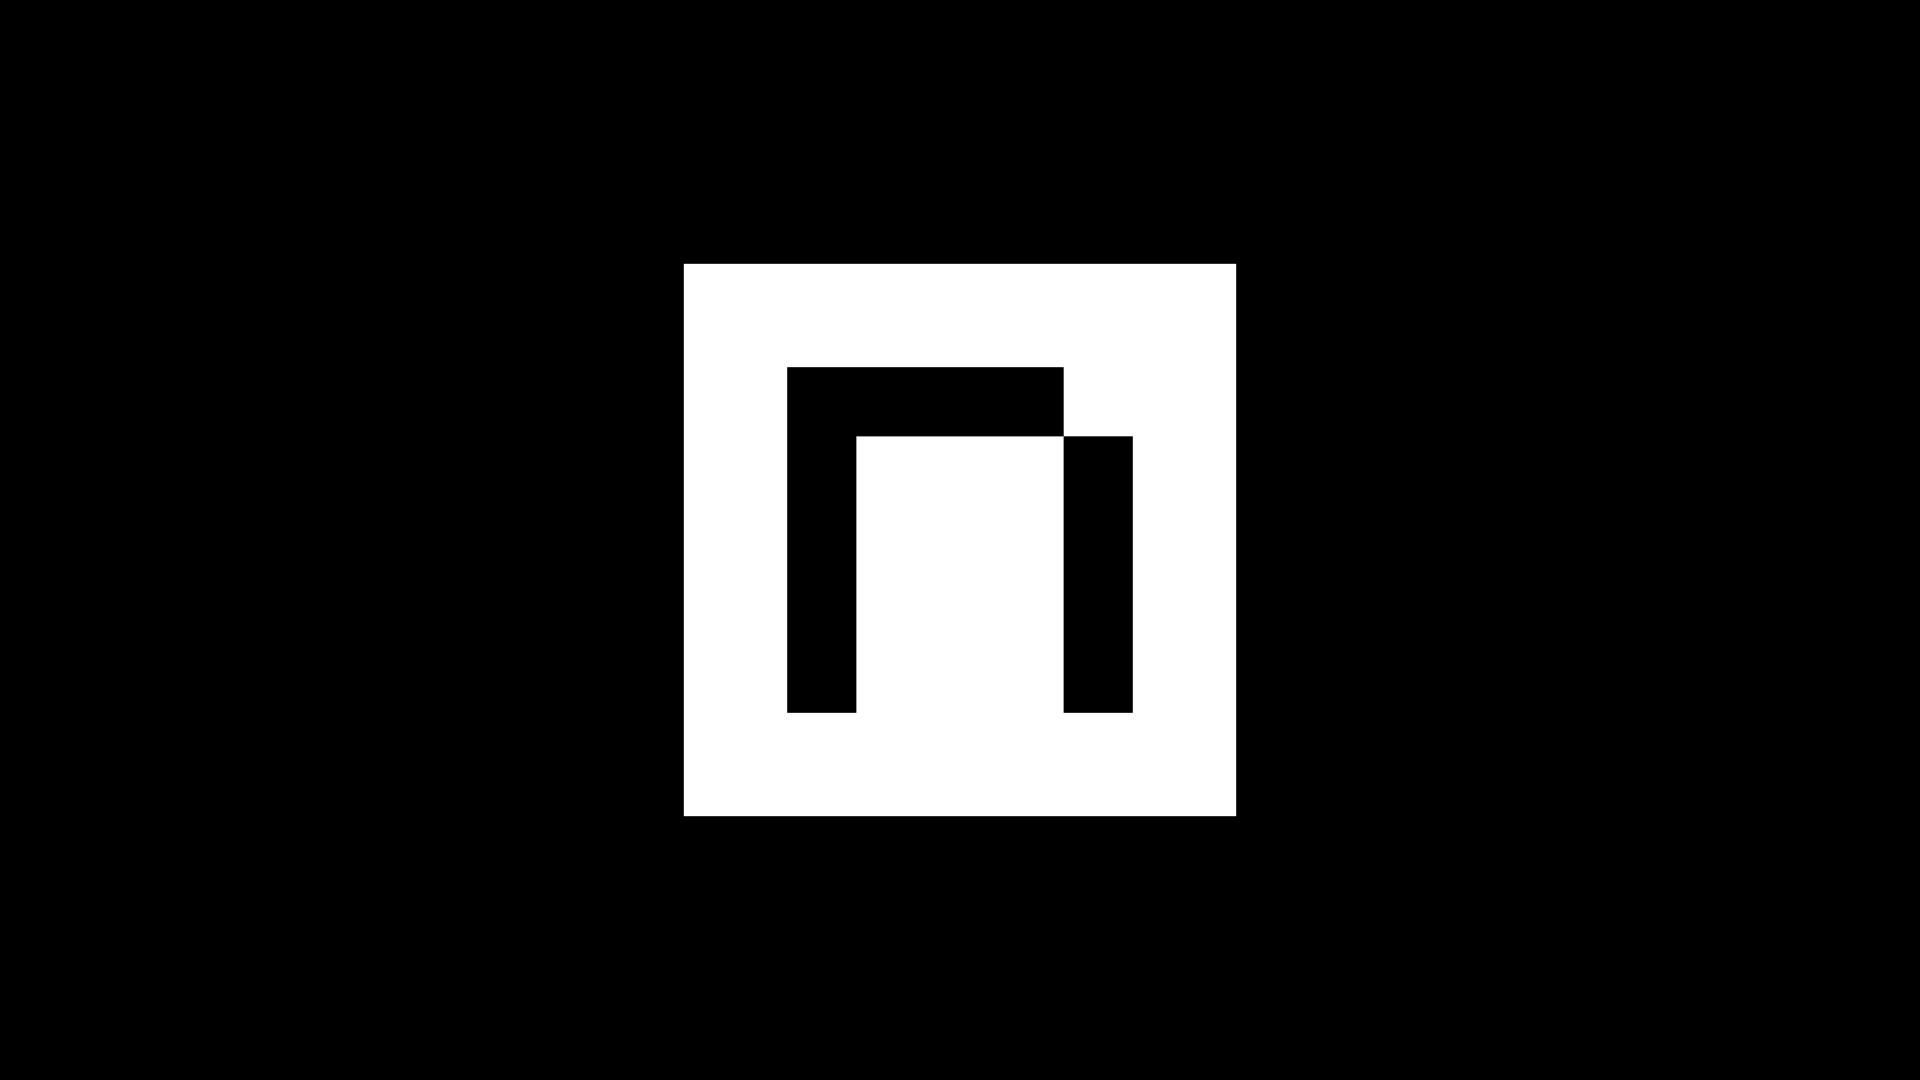 NameMC-logo